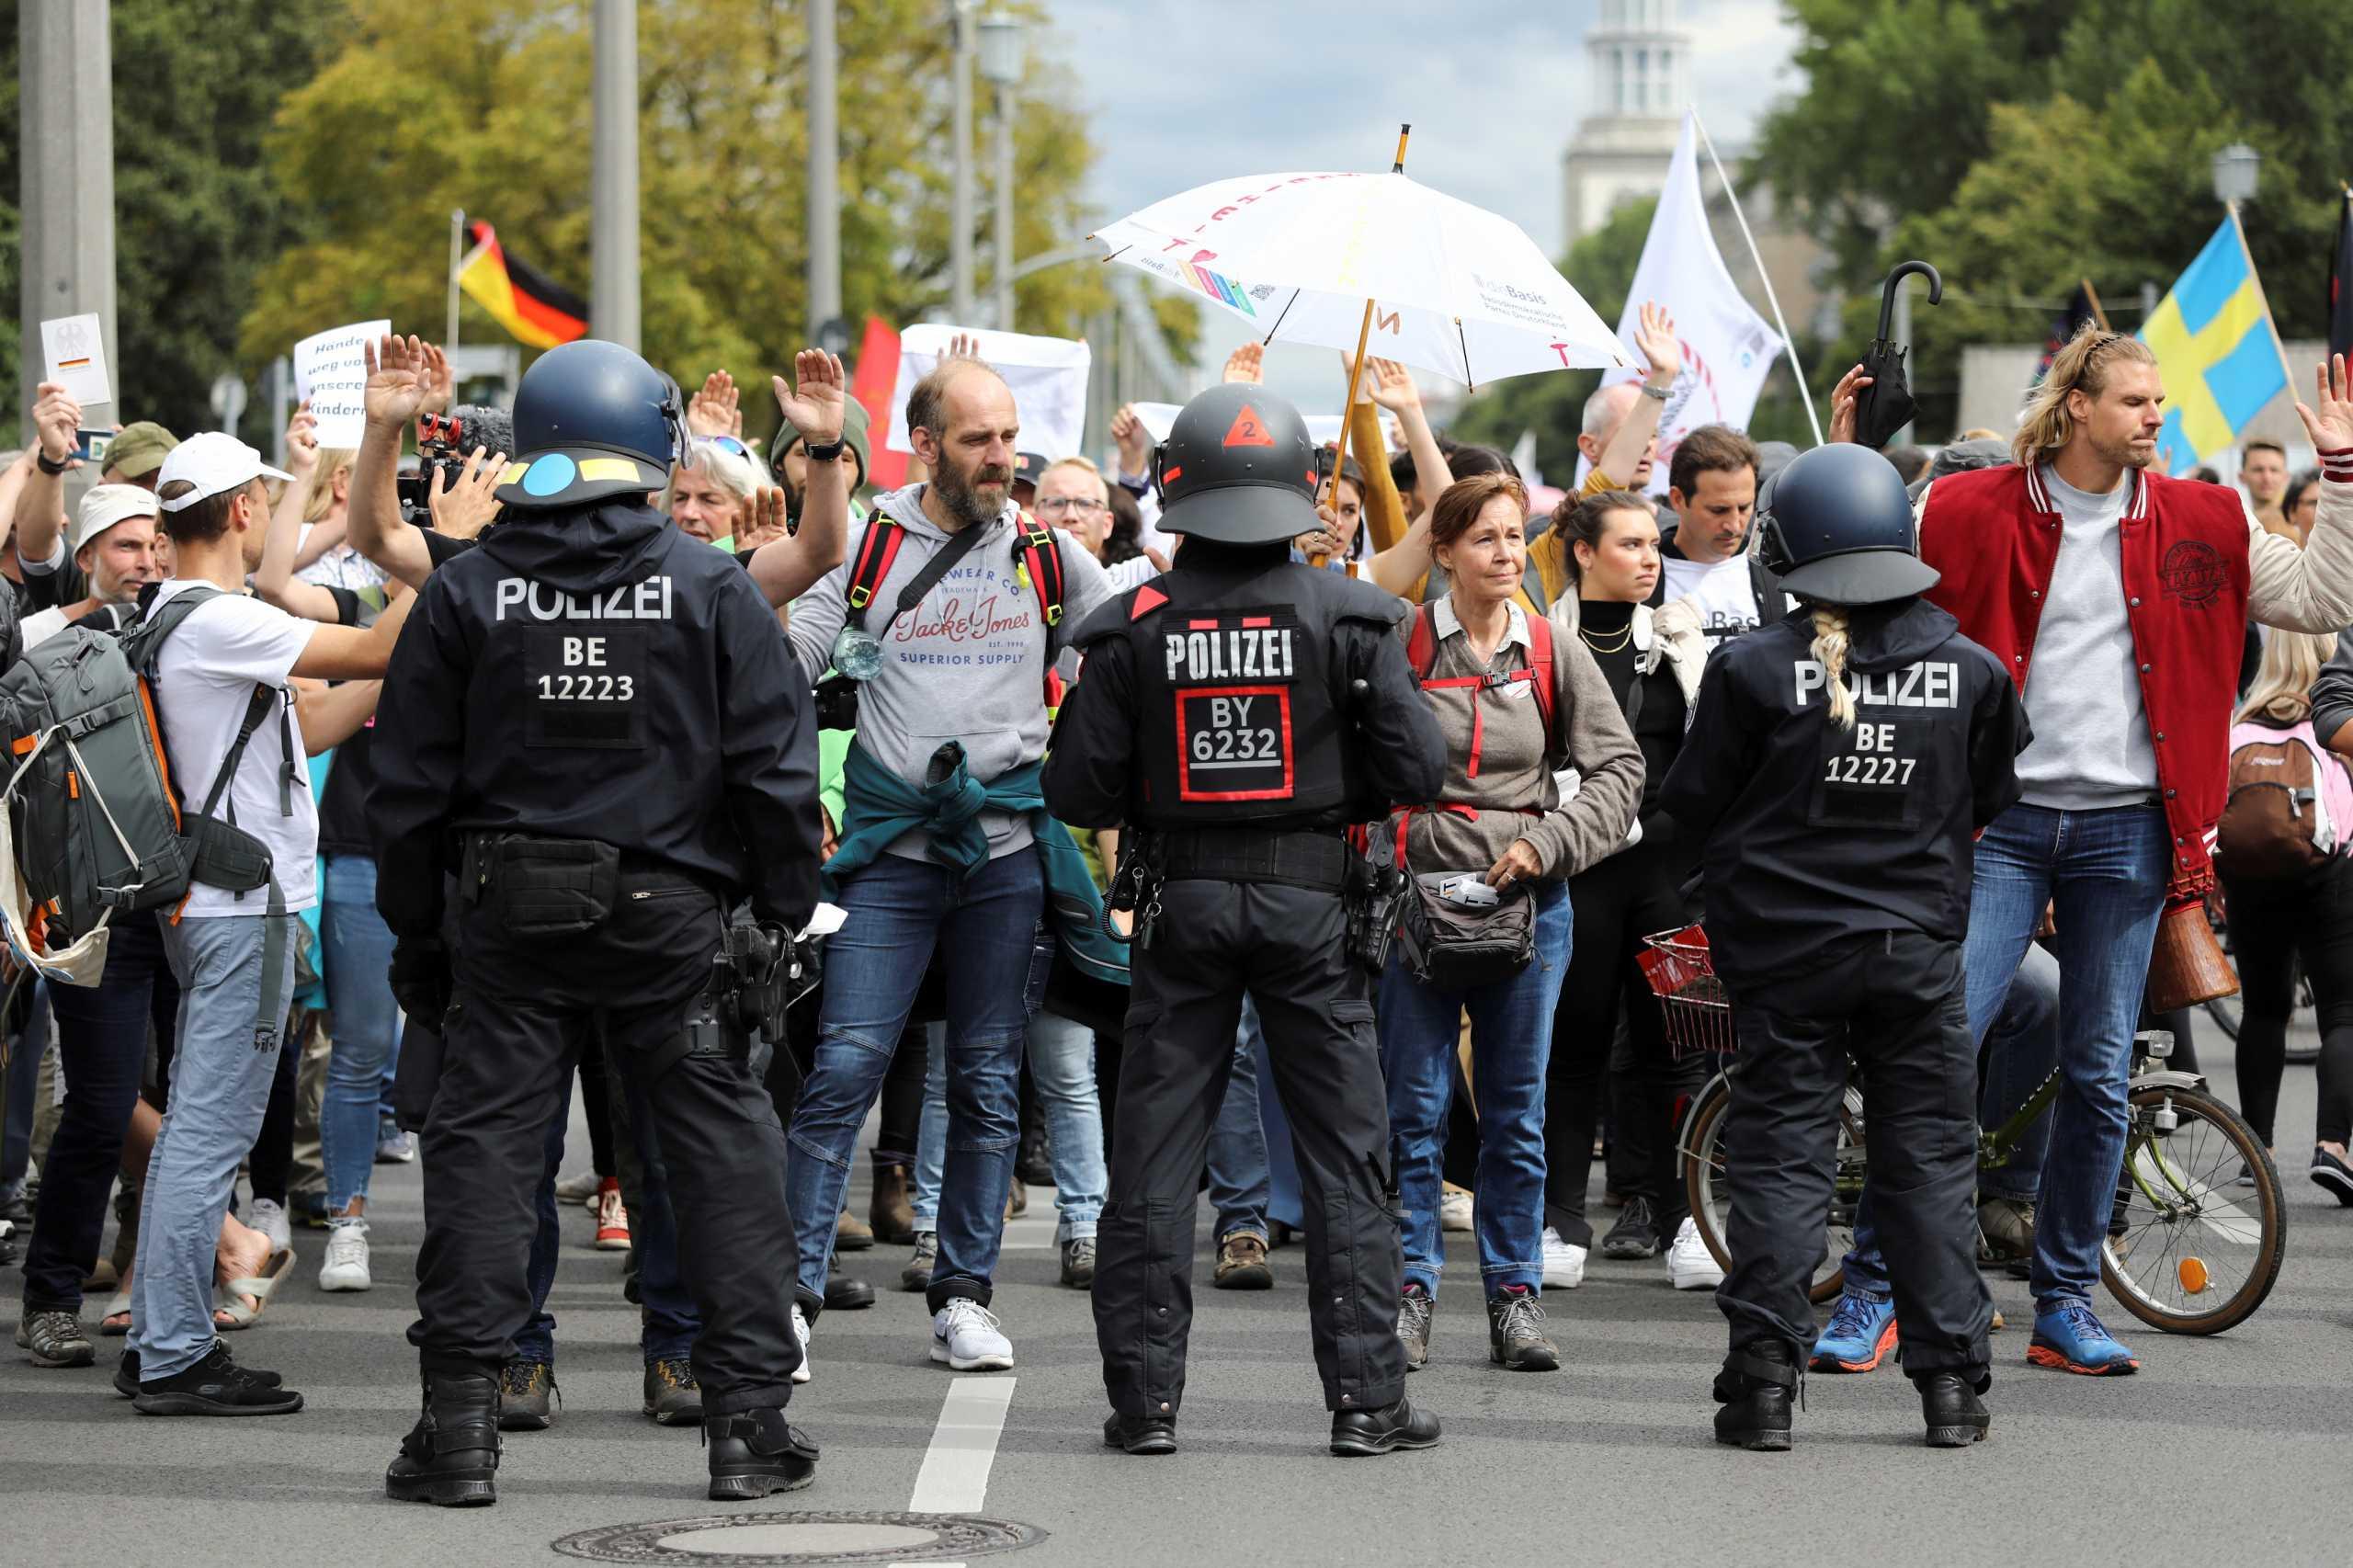 Γερμανία: Νέα διαδήλωση κατά των μέτρων για τον κορονοϊό – 80 προσαγωγές